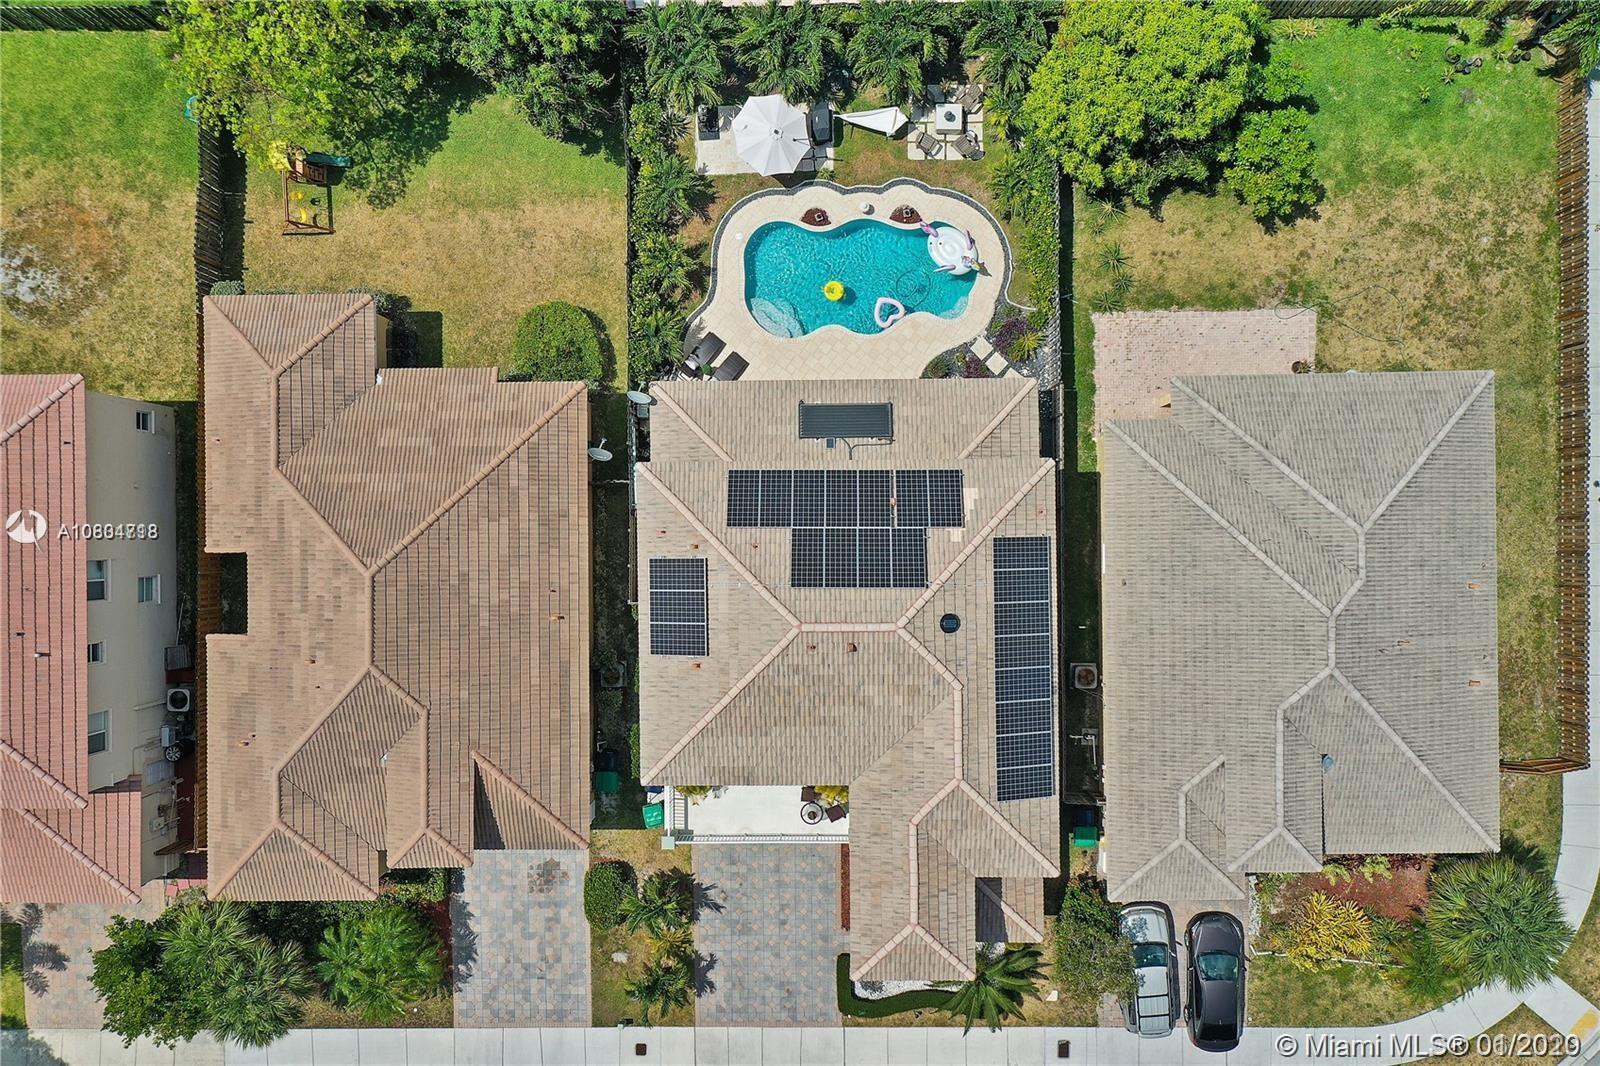 8976 SW 207th St, Cutler Bay, FL 33189 - Cutler Bay, FL real estate listing